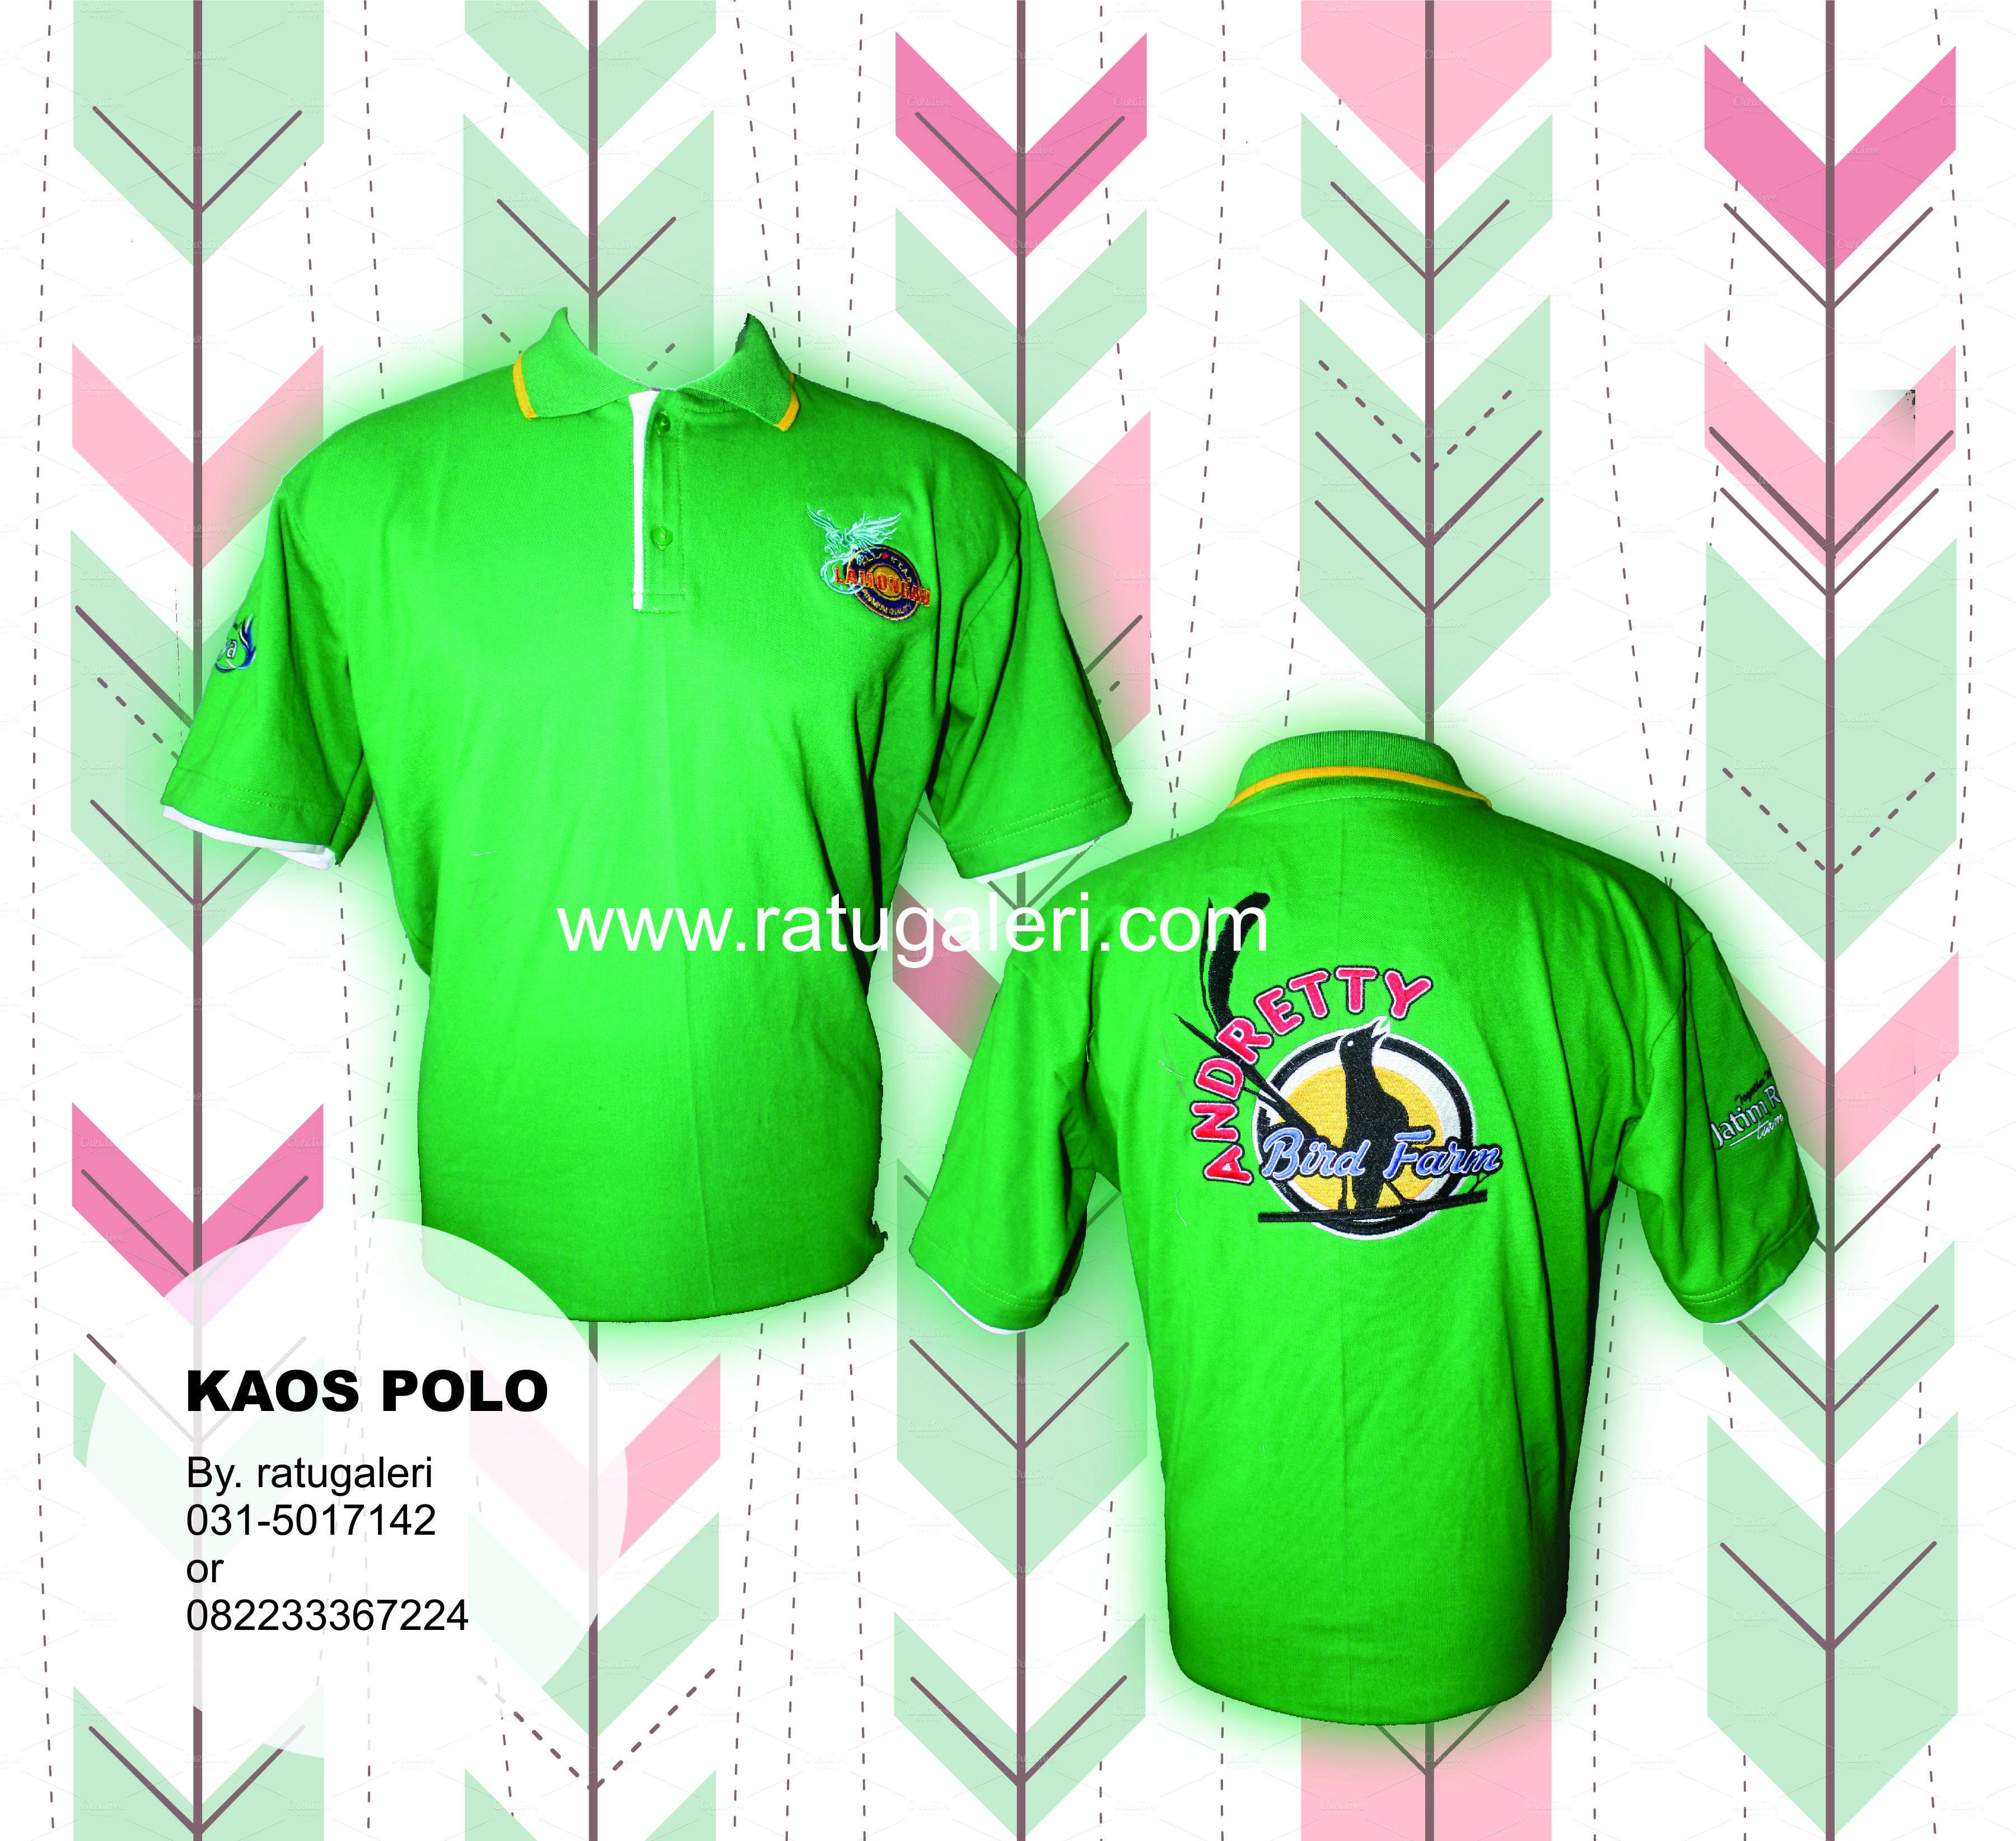 Contoh Desain Kaos Kerah Polo ANDRETTY